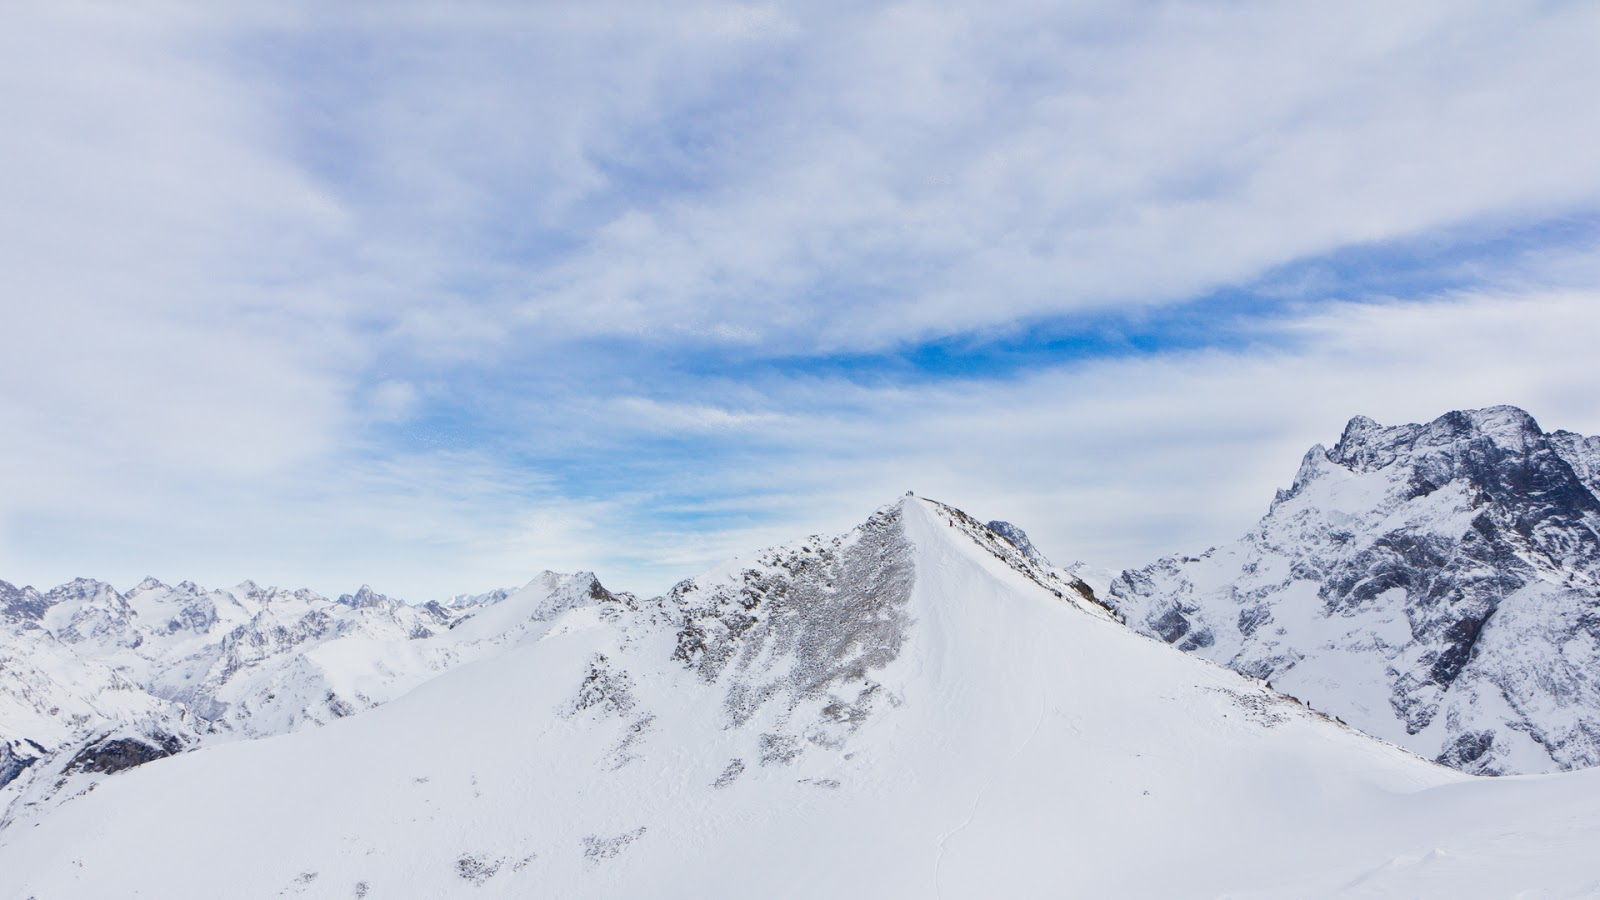 Montaña Nevada Hd: HD Wallpapers Gratis: Fondo De Pantalla Paisaje Montaña